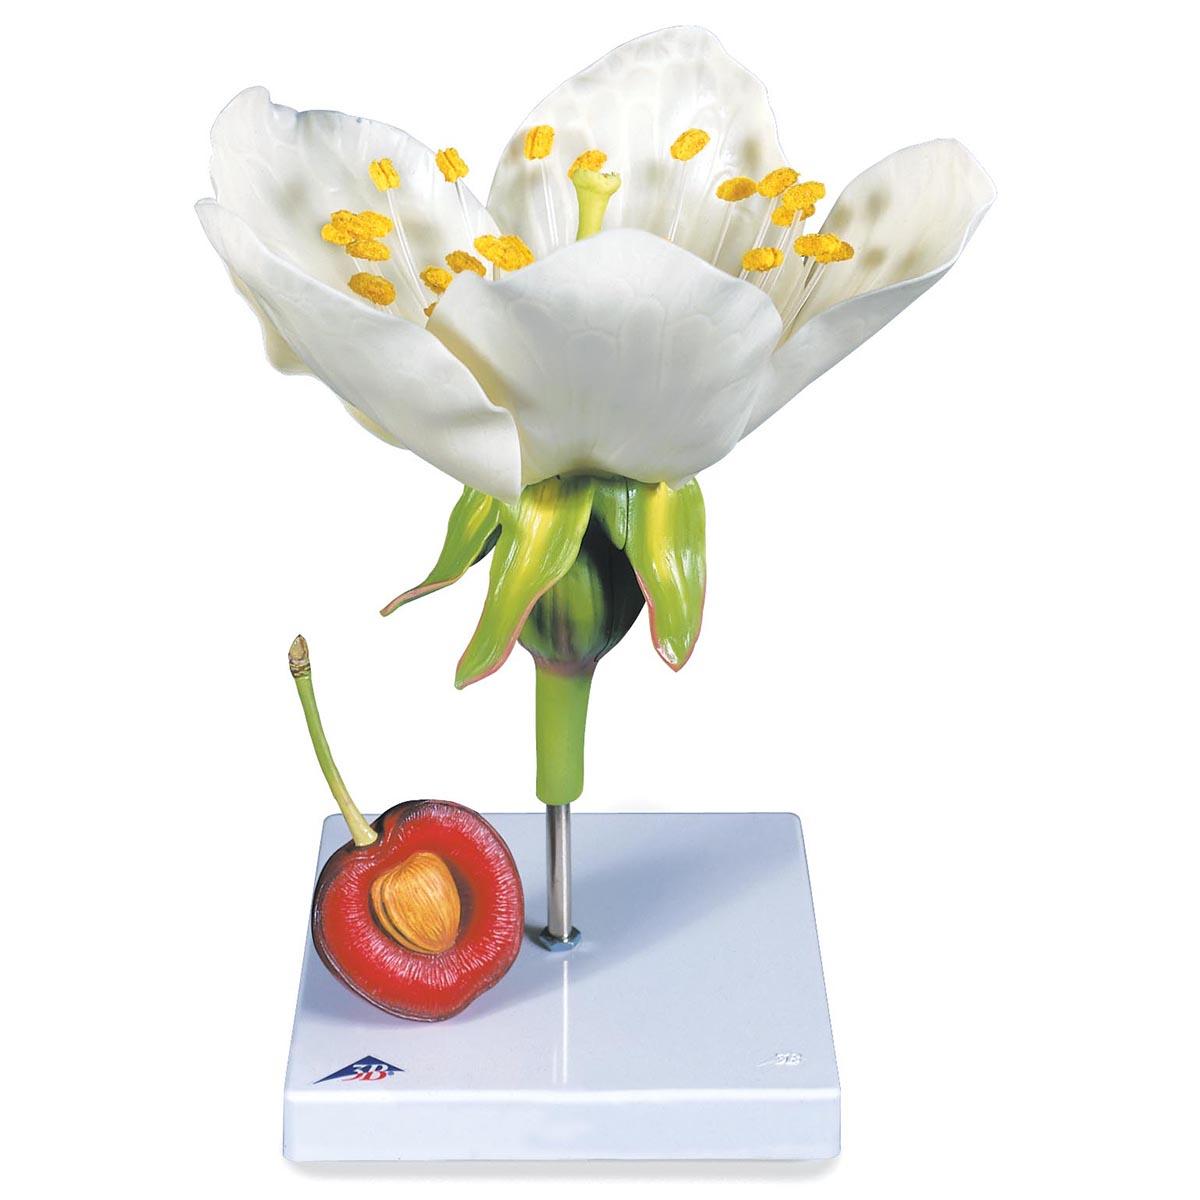 Cherry Blossom With Fruit Prunus Avium 3b Scientific